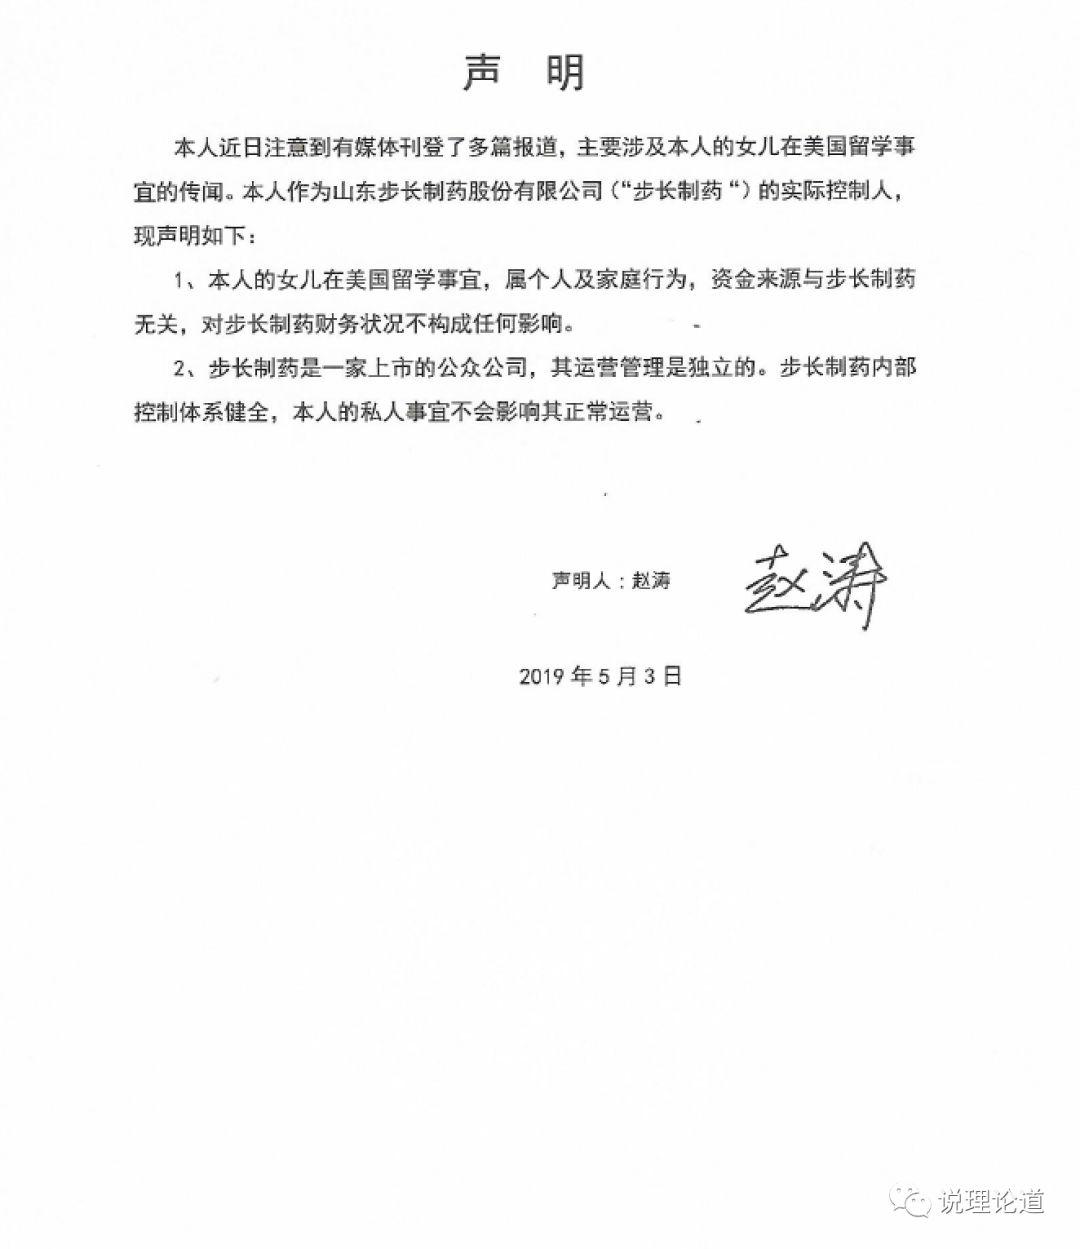 步长集团董事长_贵州省省长会见步长集团董事长赵涛一行,赋能政企,互利共赢